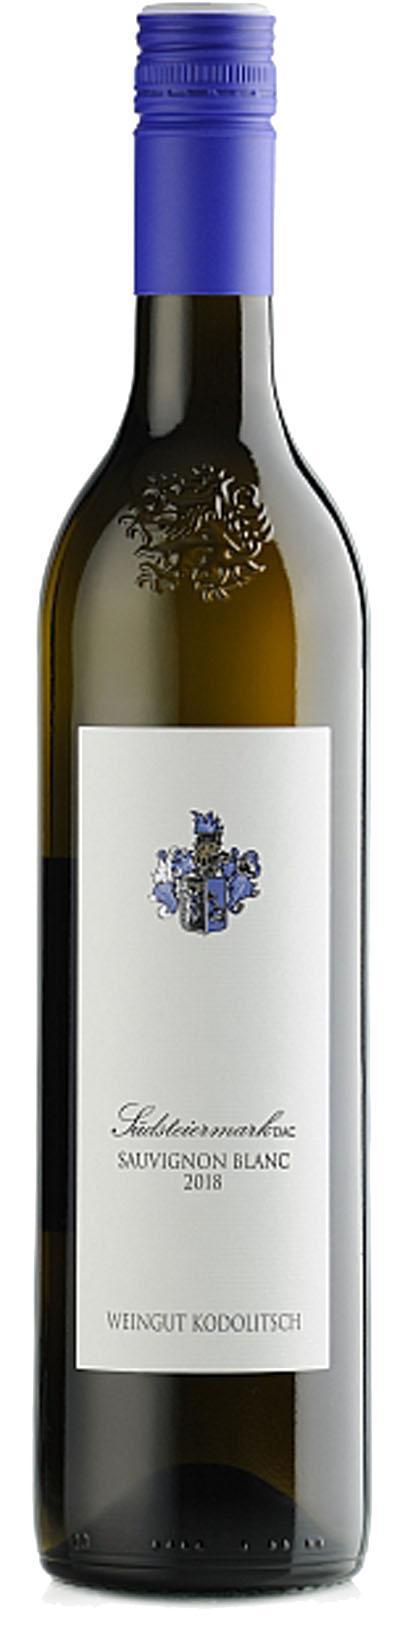 Sauvignon Blanc Südsteiermark 2017 / Kodolitsch